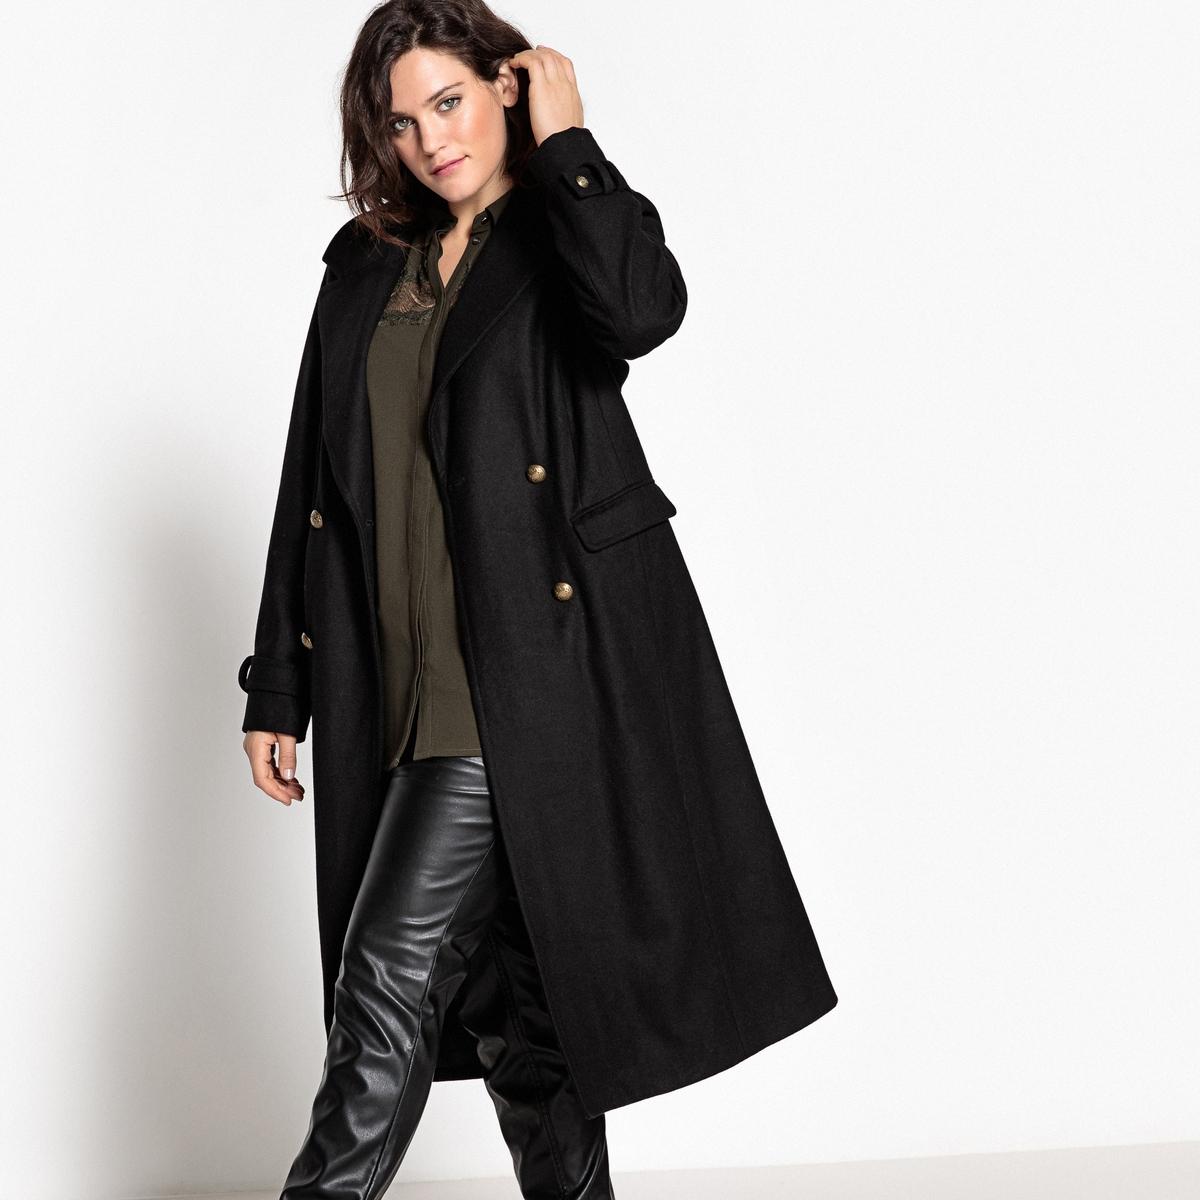 ПальтоОписание:Длинное изящное пальто в стиле милитари. Длинное пальто в стиле милитари из шерстяного драпа - неотъемлемый предмет зимнего гардероба.Детали •  Длина : удлиненная модель •  Воротник-поло, рубашечный • Застежка на пуговицыСостав и уход •  62% шерсти, 3% акрила, 7% полиамида, 28% полиэстера • Не стирать •  Деликатная сухая чистка / не отбеливать •  Не использовать барабанную сушку   •  Низкая температура глажки   ВАЖНО: Товар без манжетТовар из коллекции больших размеров •  Длина : 118,5 см<br><br>Цвет: хаки,черный<br>Размер: 54 (FR) - 60 (RUS).56 (FR) - 62 (RUS).52 (FR) - 58 (RUS).54 (FR) - 60 (RUS).56 (FR) - 62 (RUS)